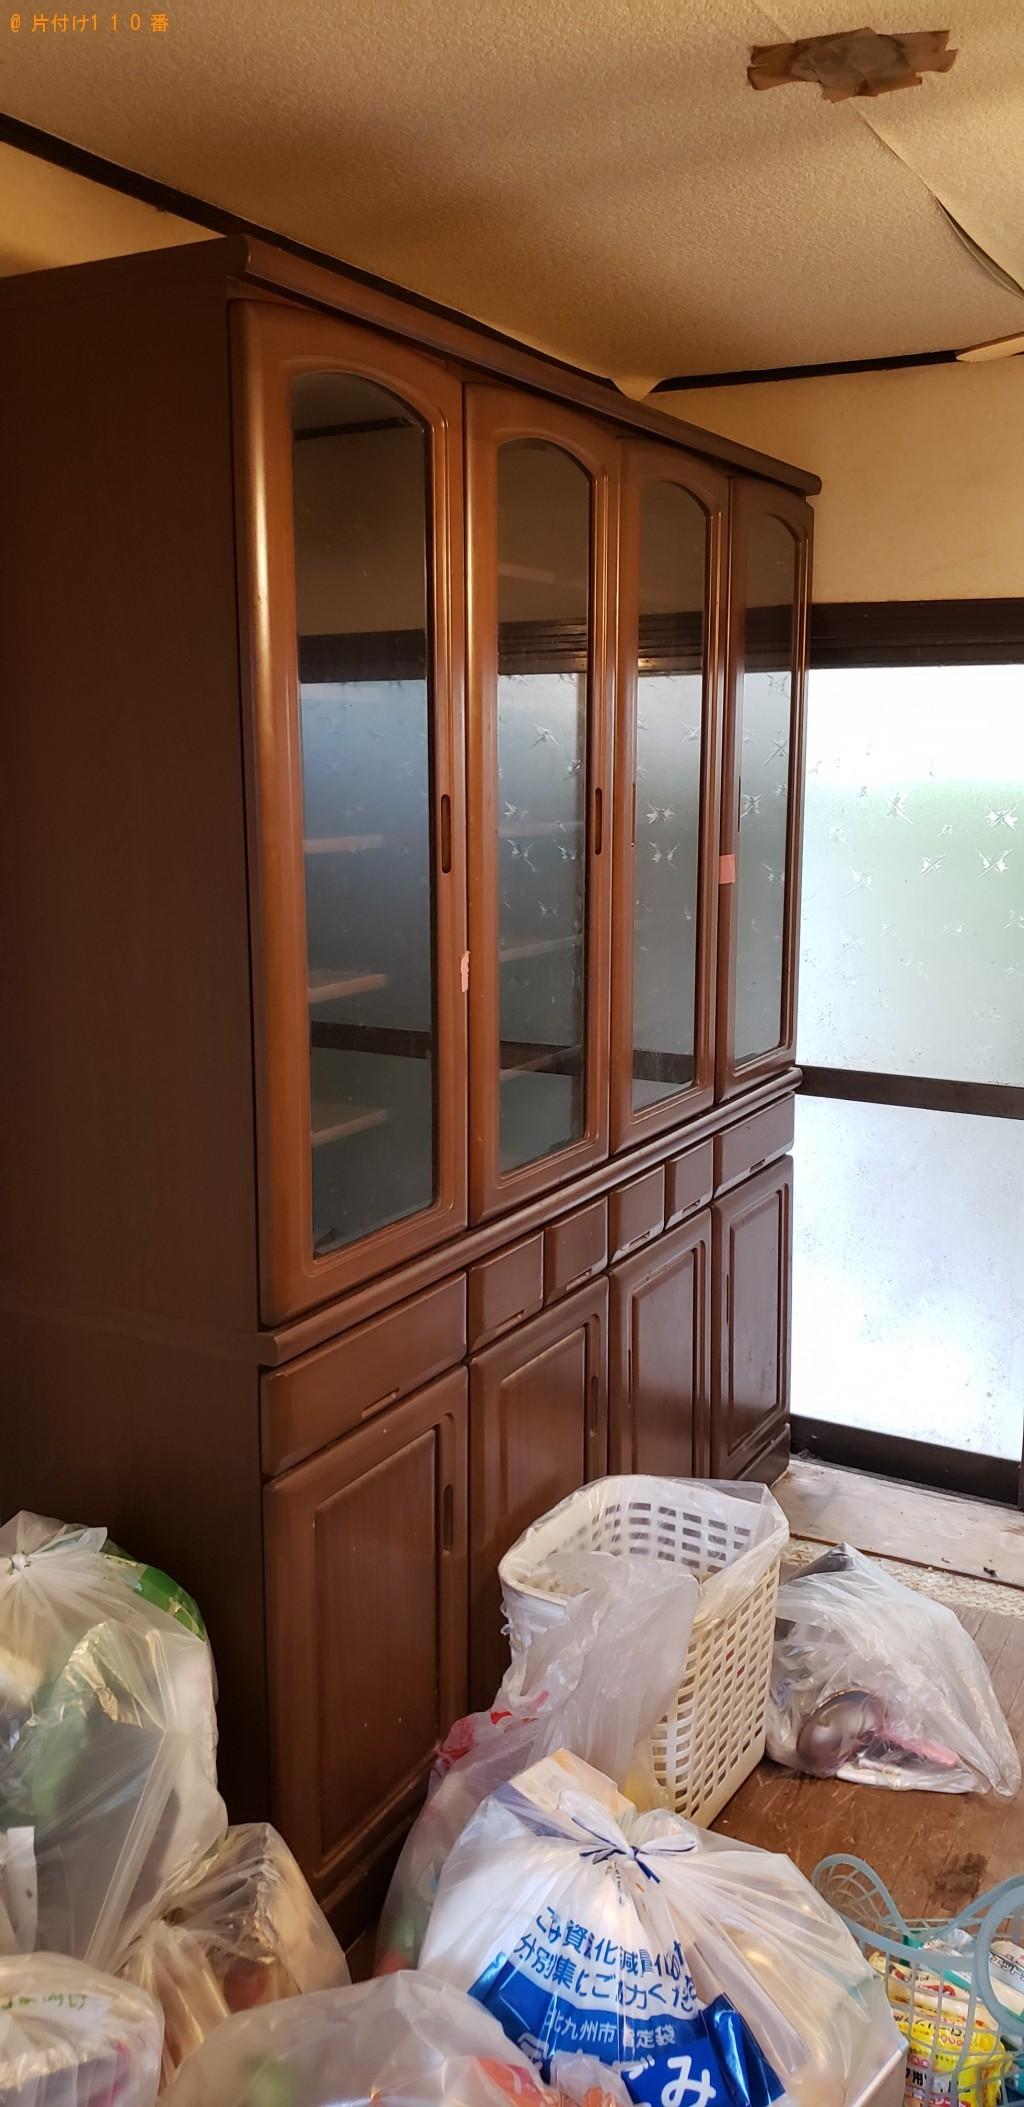 【北九州市門司区】本棚、クローゼット、食器棚の回収・処分ご依頼